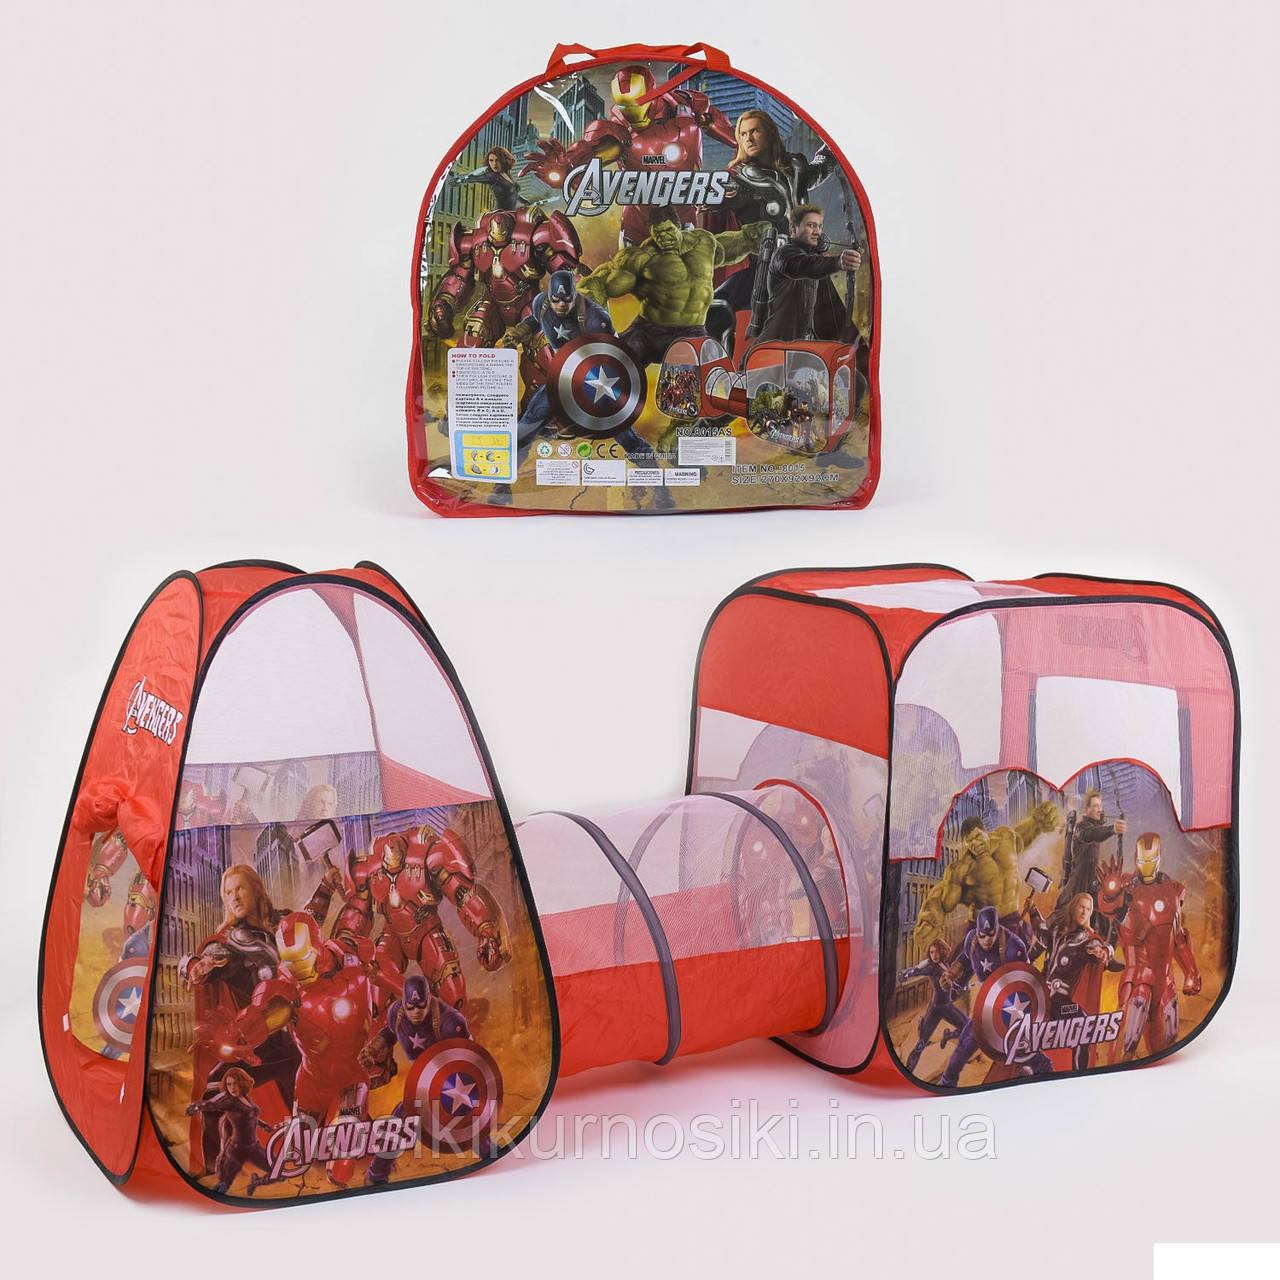 Палатка детская игровая с тоннелем 8015 Супергерои , размер 270-92-92 см, в сумке